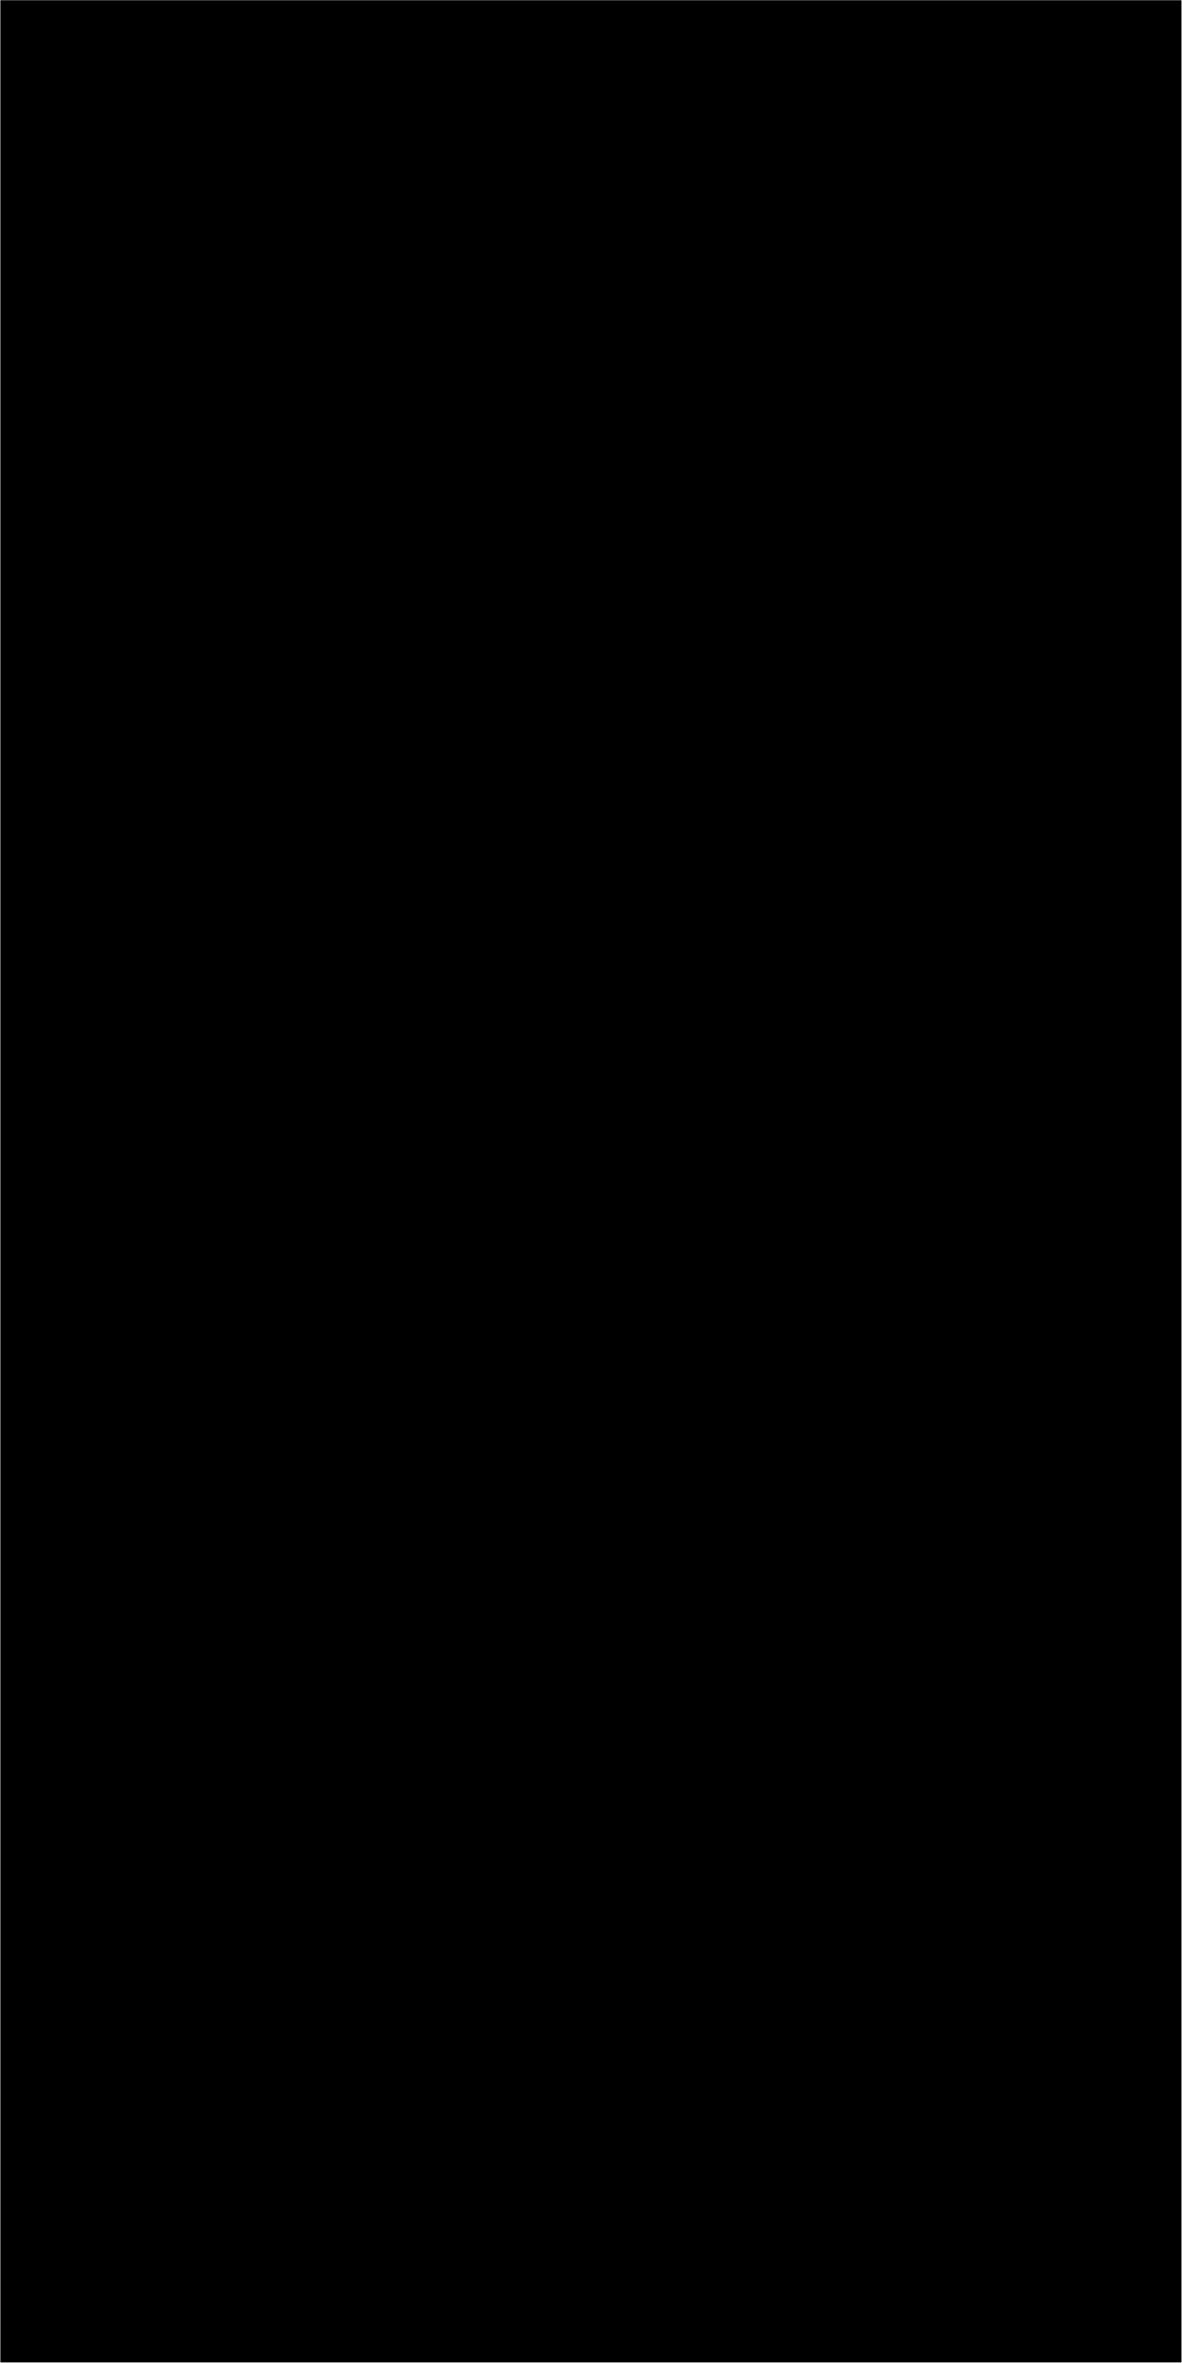 текстура ламарти черный